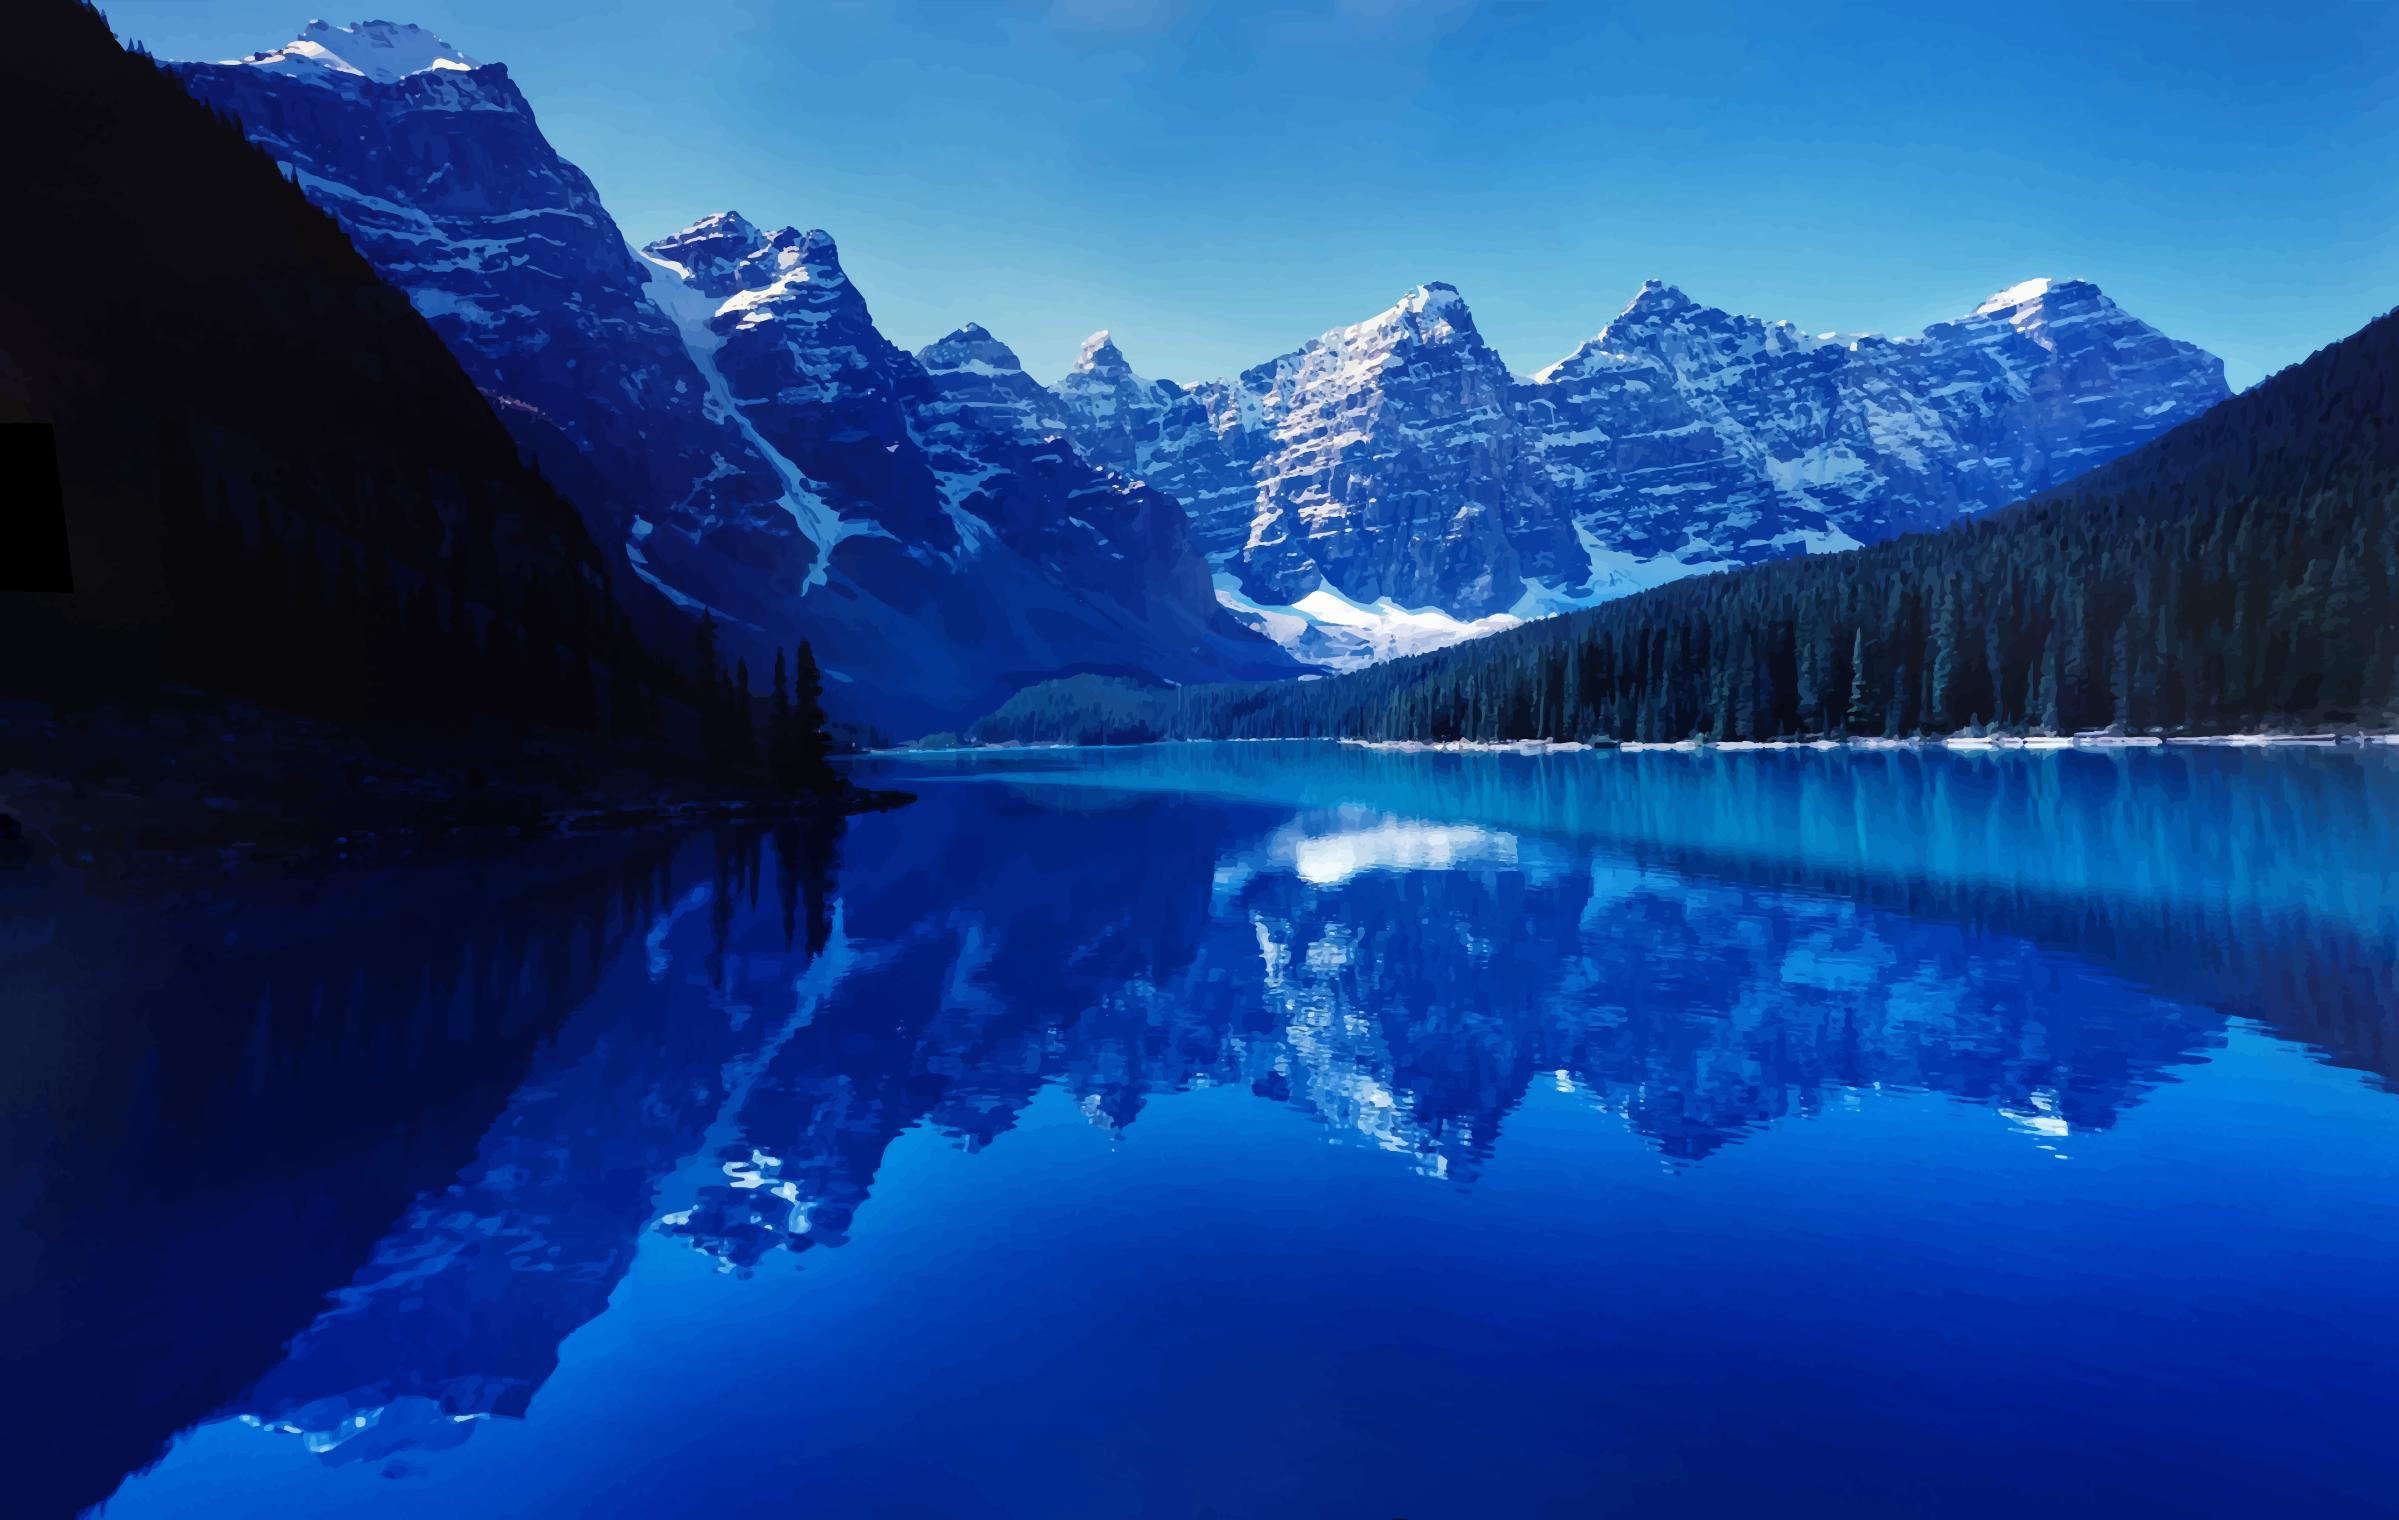 Glacier Lake Moiraine Widescreen